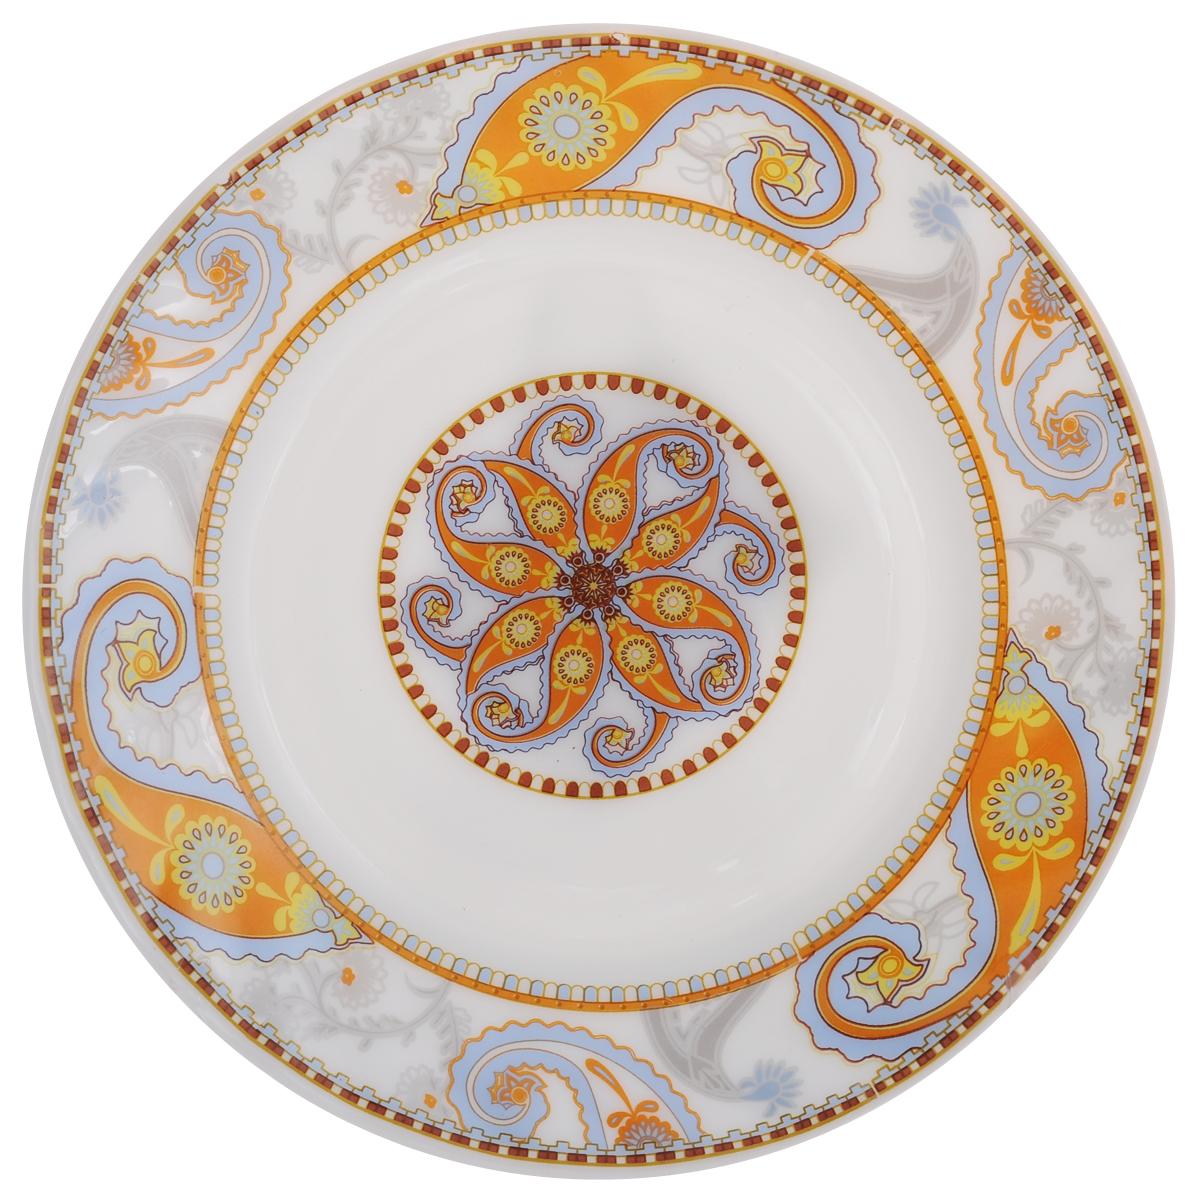 Тарелка десертная Chinbull Ориент, диаметр 17,5 смHP-70/6721Десертная тарелка Chinbull Ориент изготовлена из экологически чистой стеклокерамики. Изделие оформленоцветочными узорами и имеет изысканный внешний вид.Такая тарелка прекрасно подходит как для торжественных случаев, так и для повседневного использования.Идеальна для подачи десертов, пирожных, тортов и многого другого. Она прекрасно оформит стол и станетотличным дополнением к вашей коллекции кухонной посуды. Можно использовать в посудомоечной машине и СВЧ. Диаметр (по верхнему краю): 17,5 см. Высота стенки: 1,7 см.